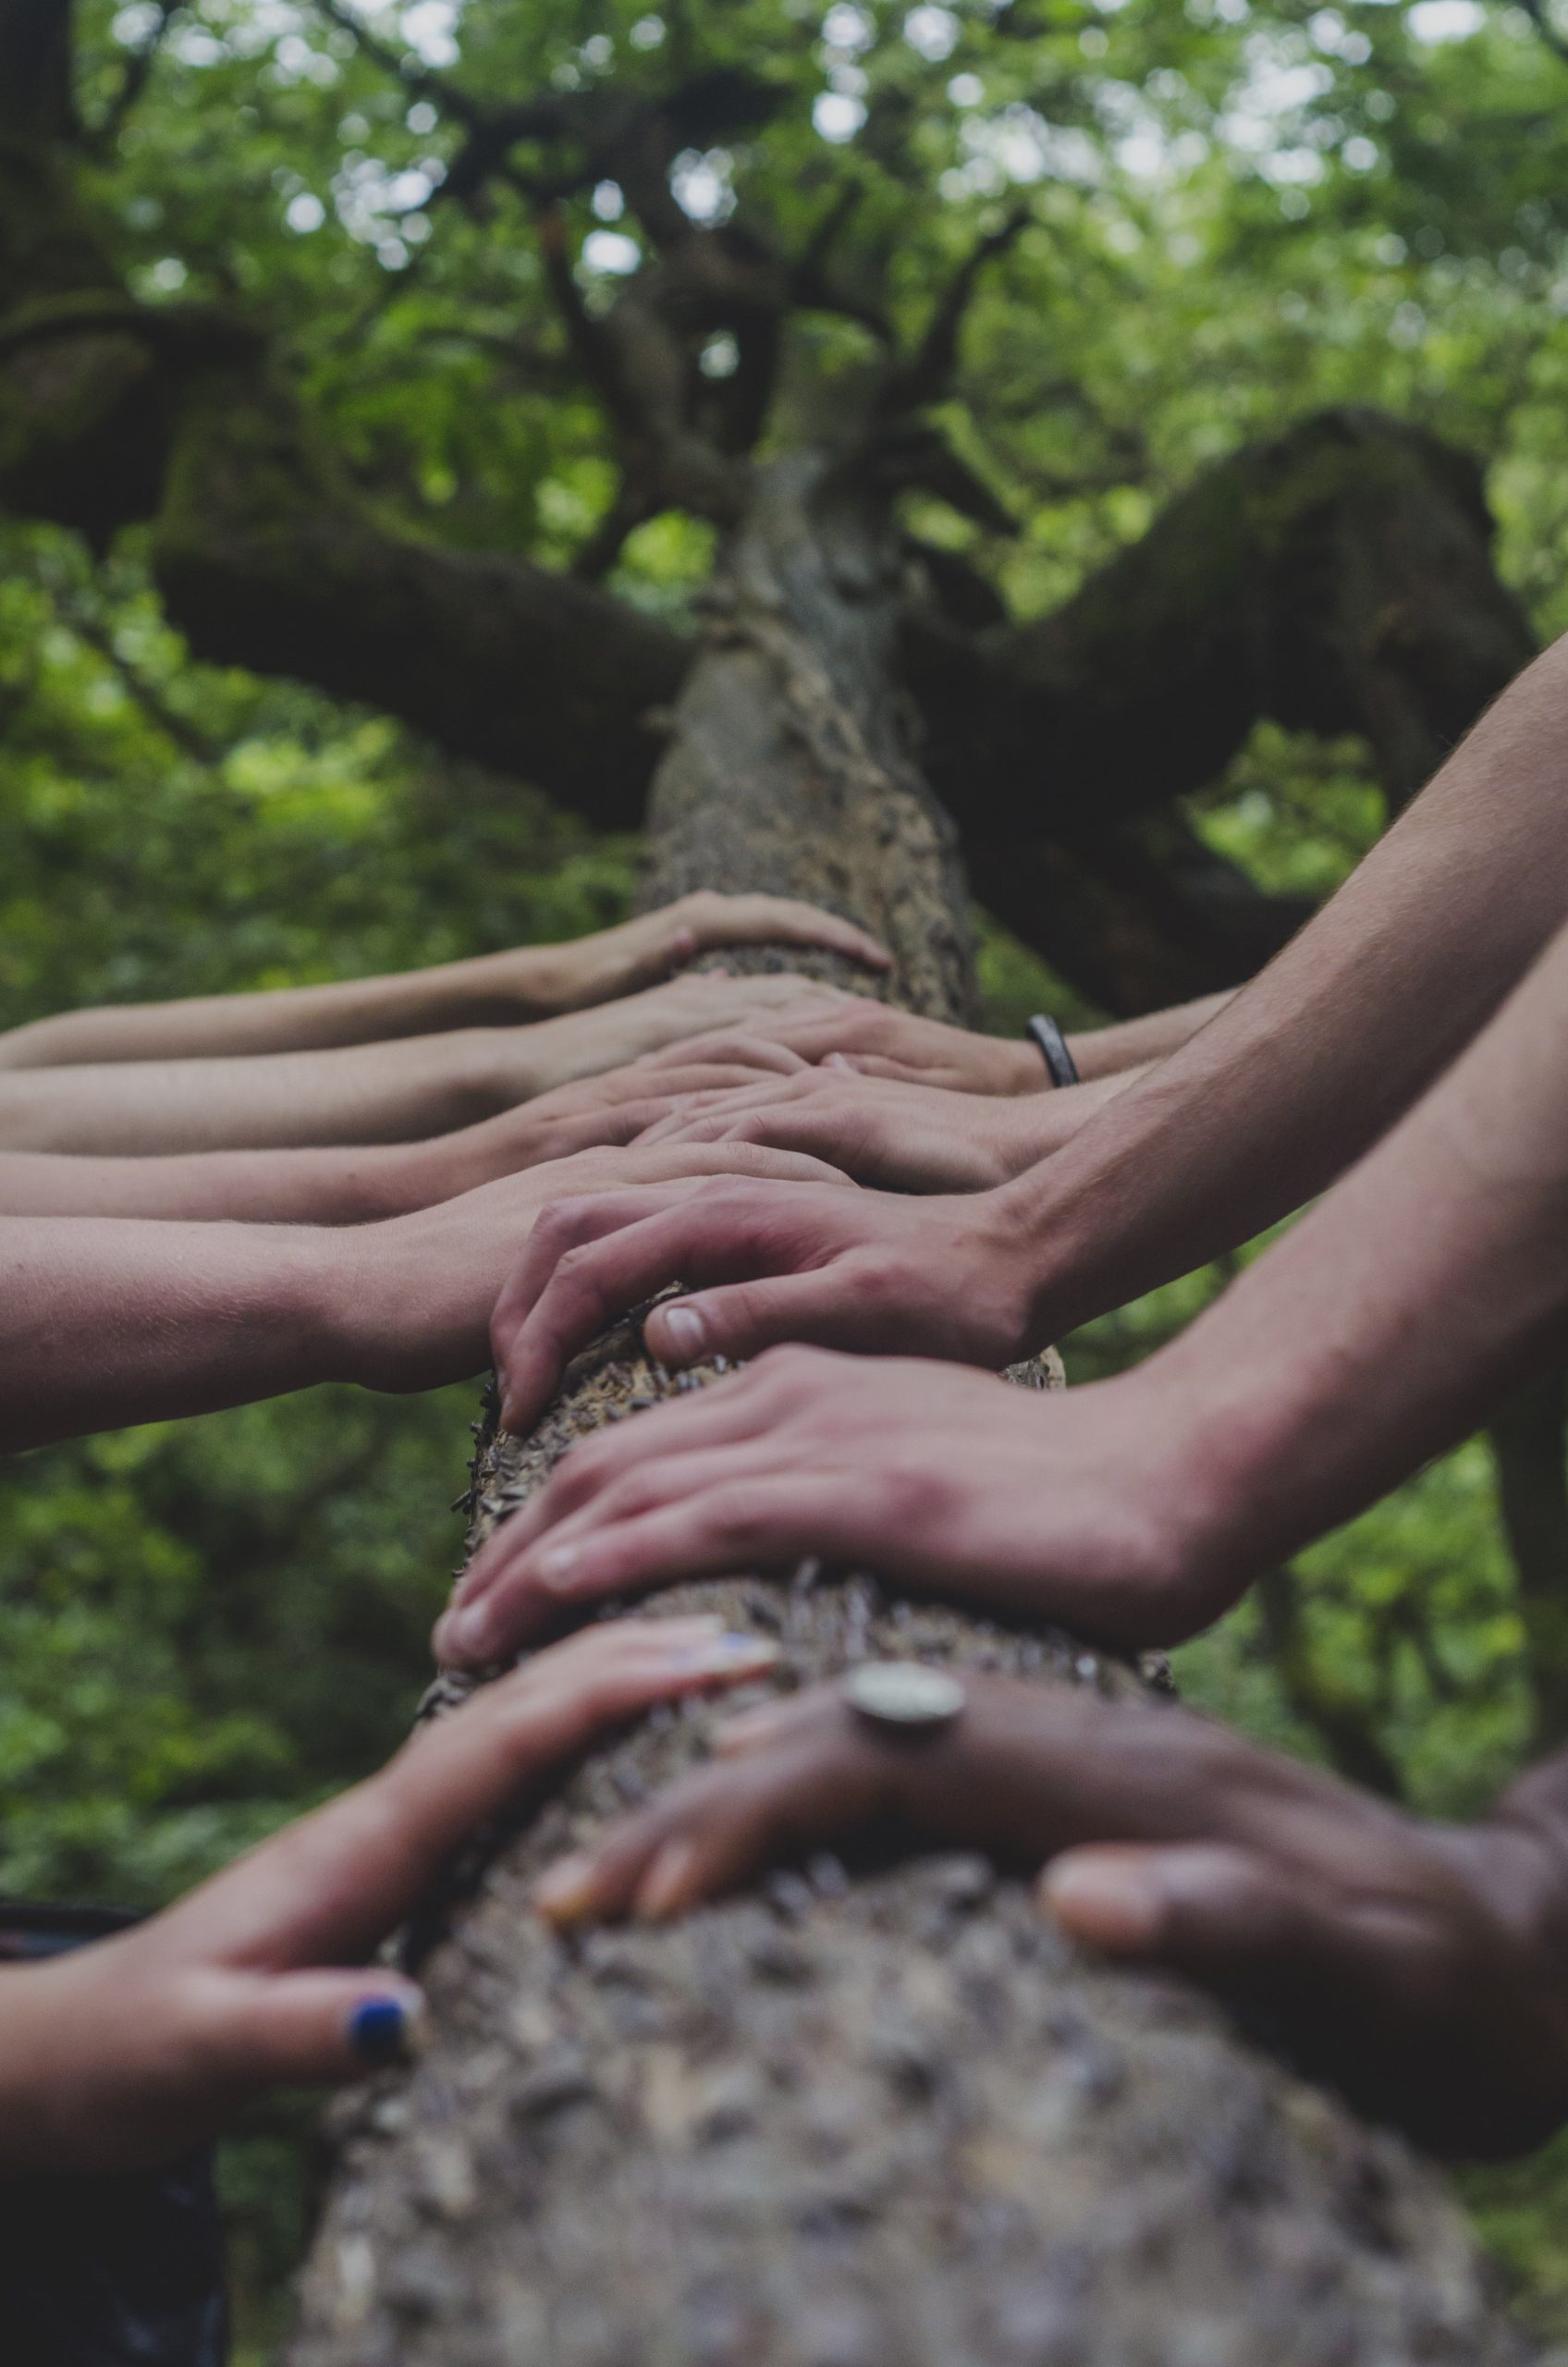 festival FOCUS   Mains sur une tronc d'arbre pour illustrer toutes les infos utiles pour les bénévoles